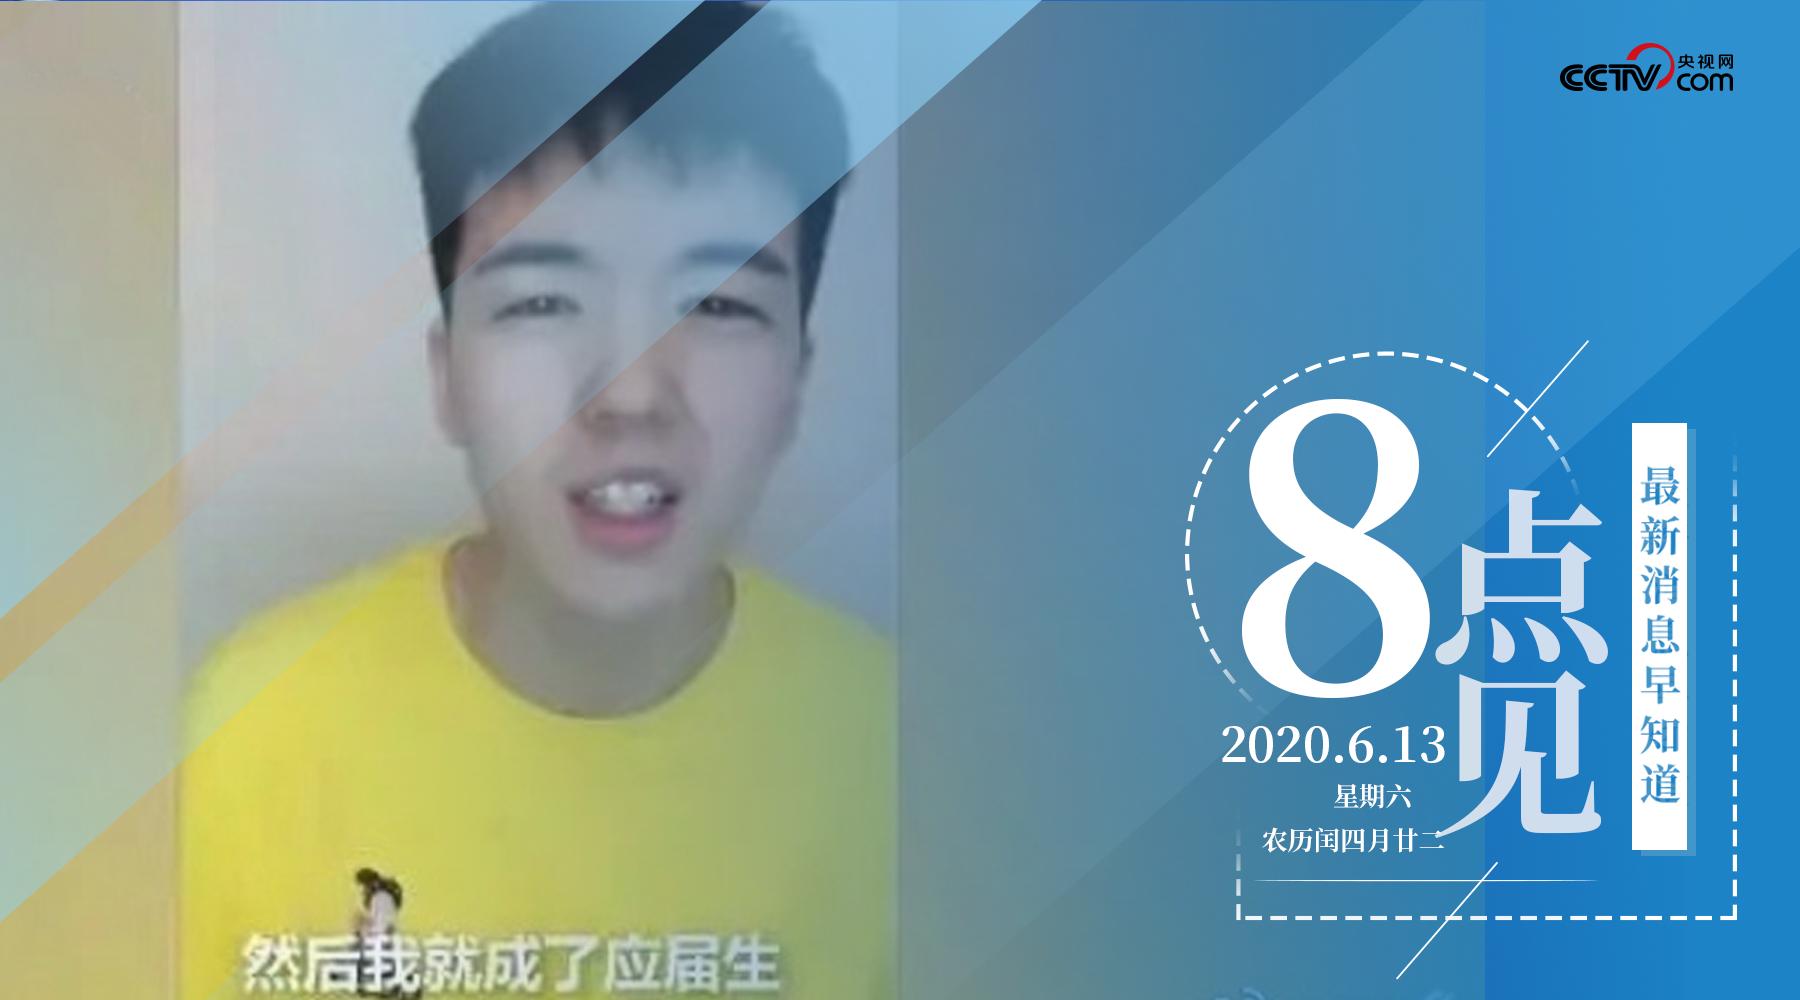 百事2平台:报三百事2平台连仝卓伪造应届生身份事图片